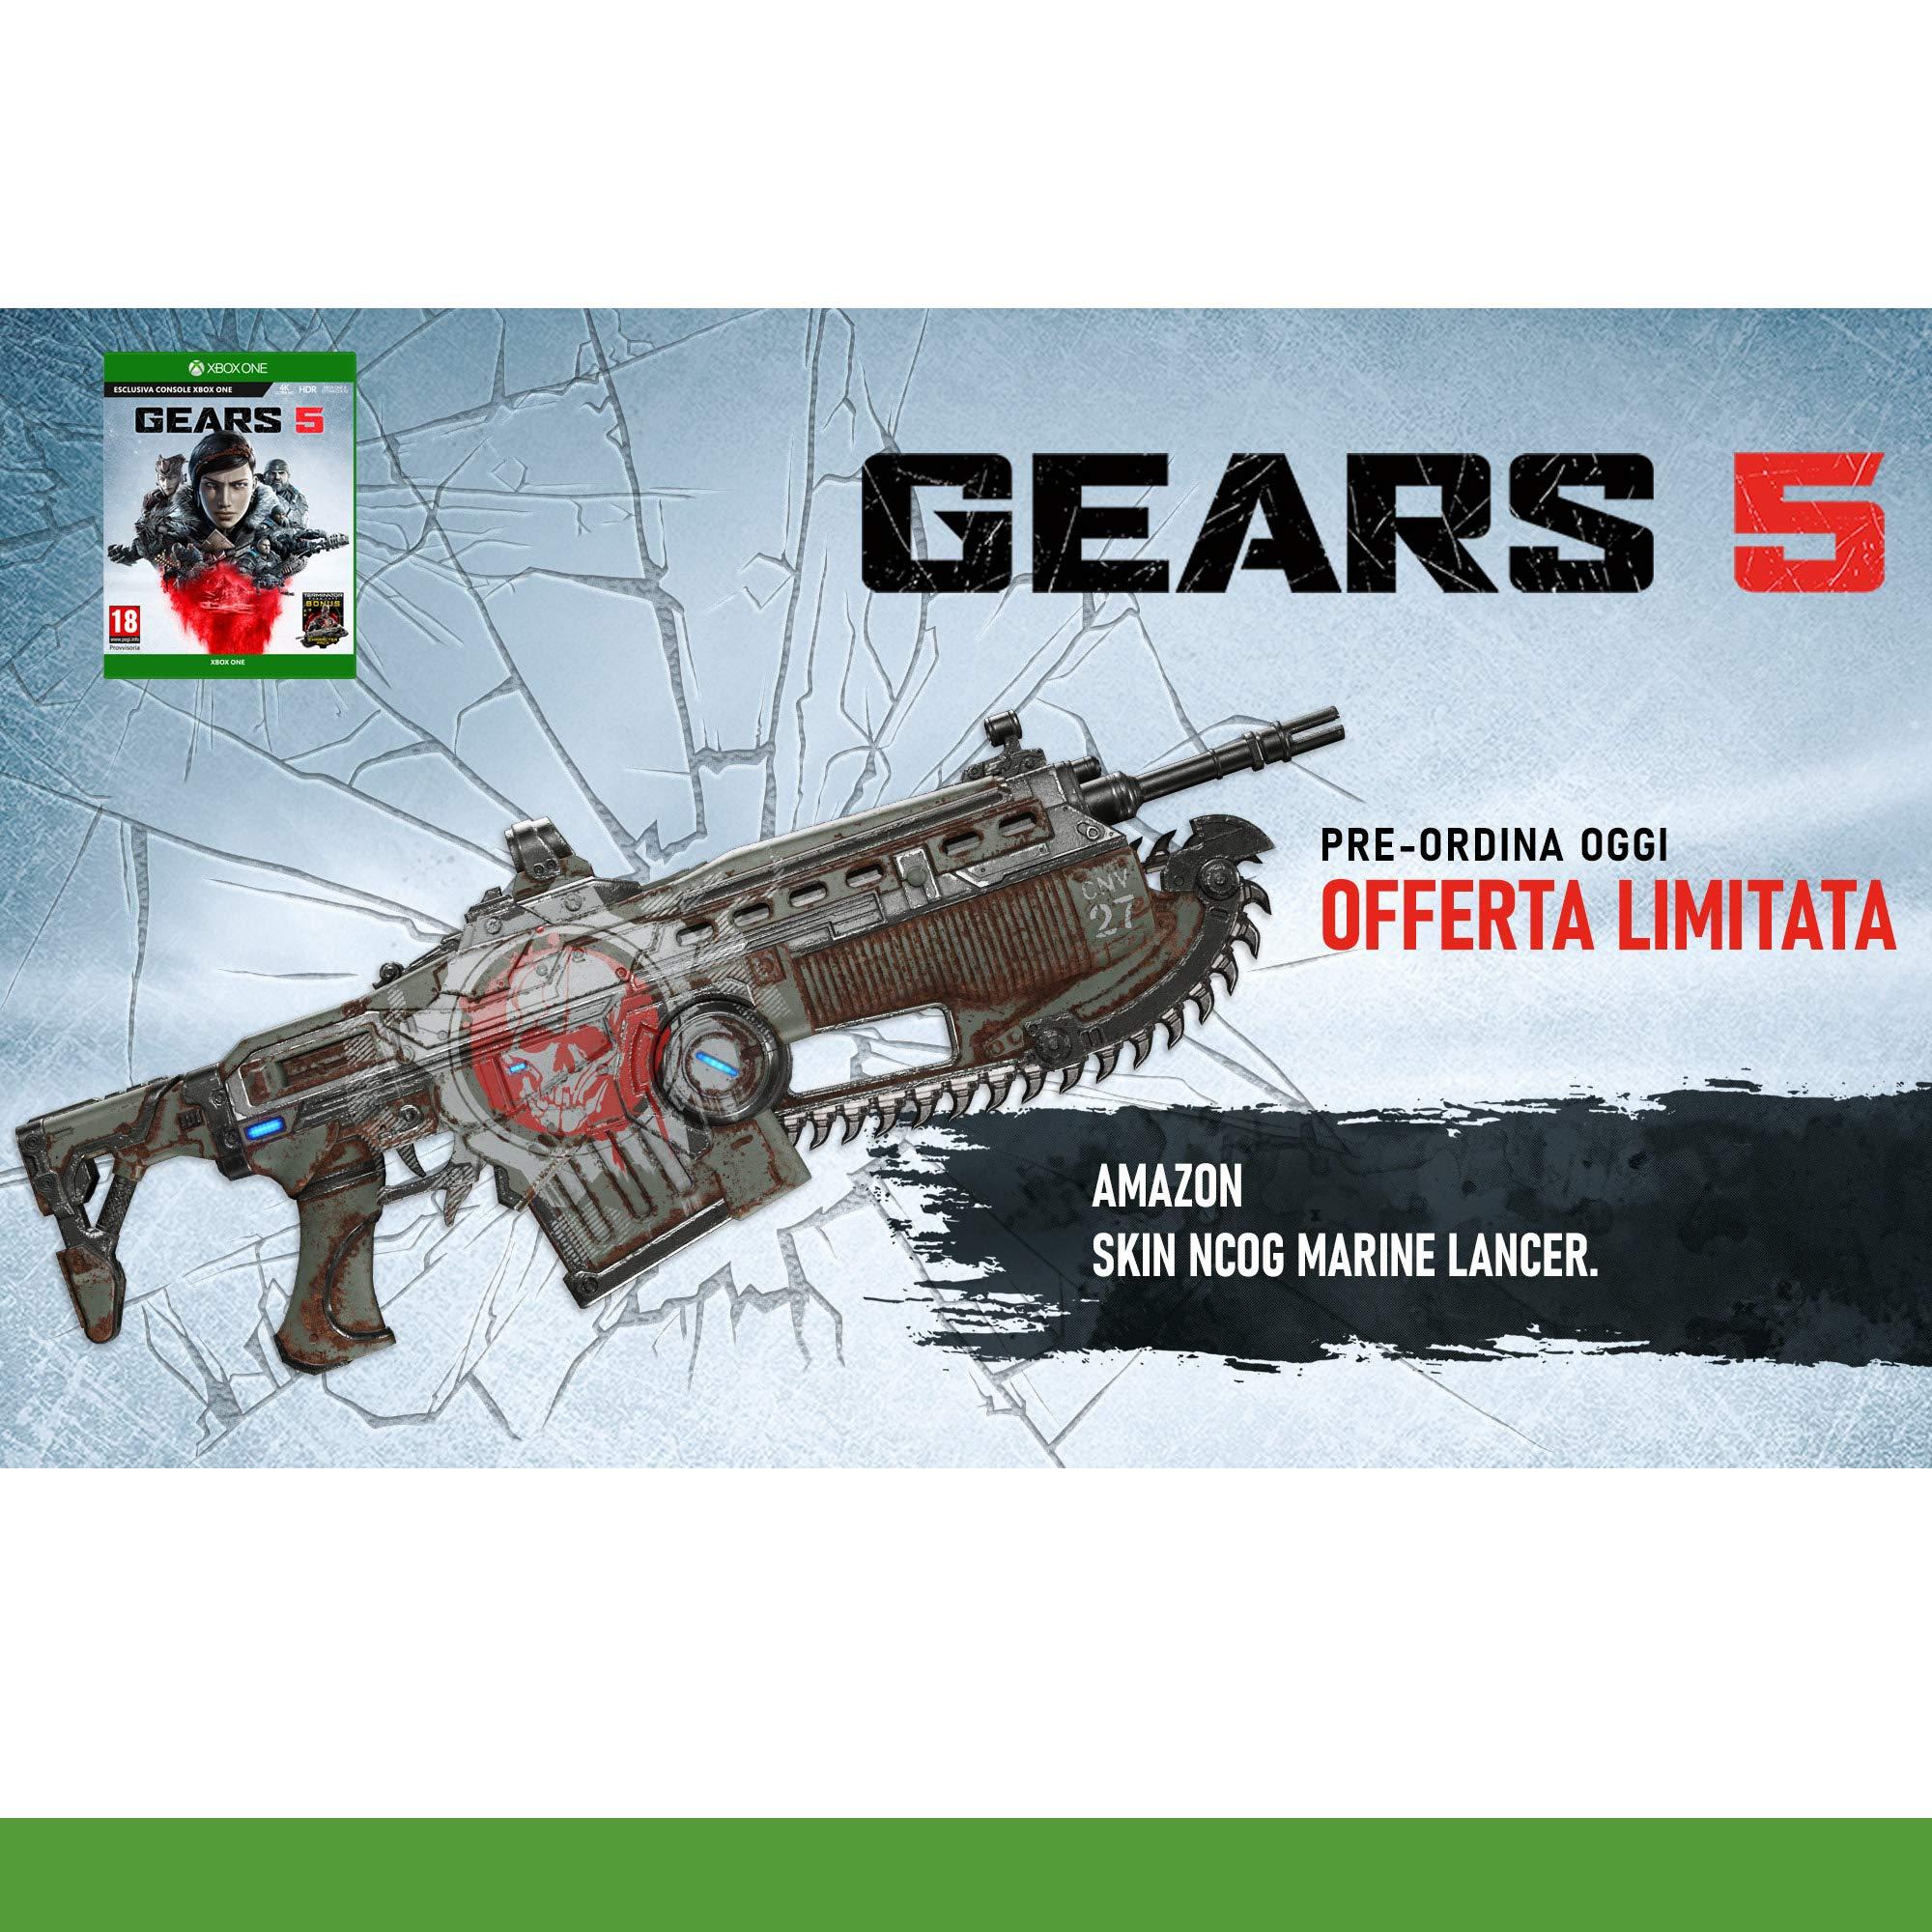 Xbox One - Gears Of War 5 - [PAL ITA - MULTILANGUAGE]: Amazon.es: Videojuegos